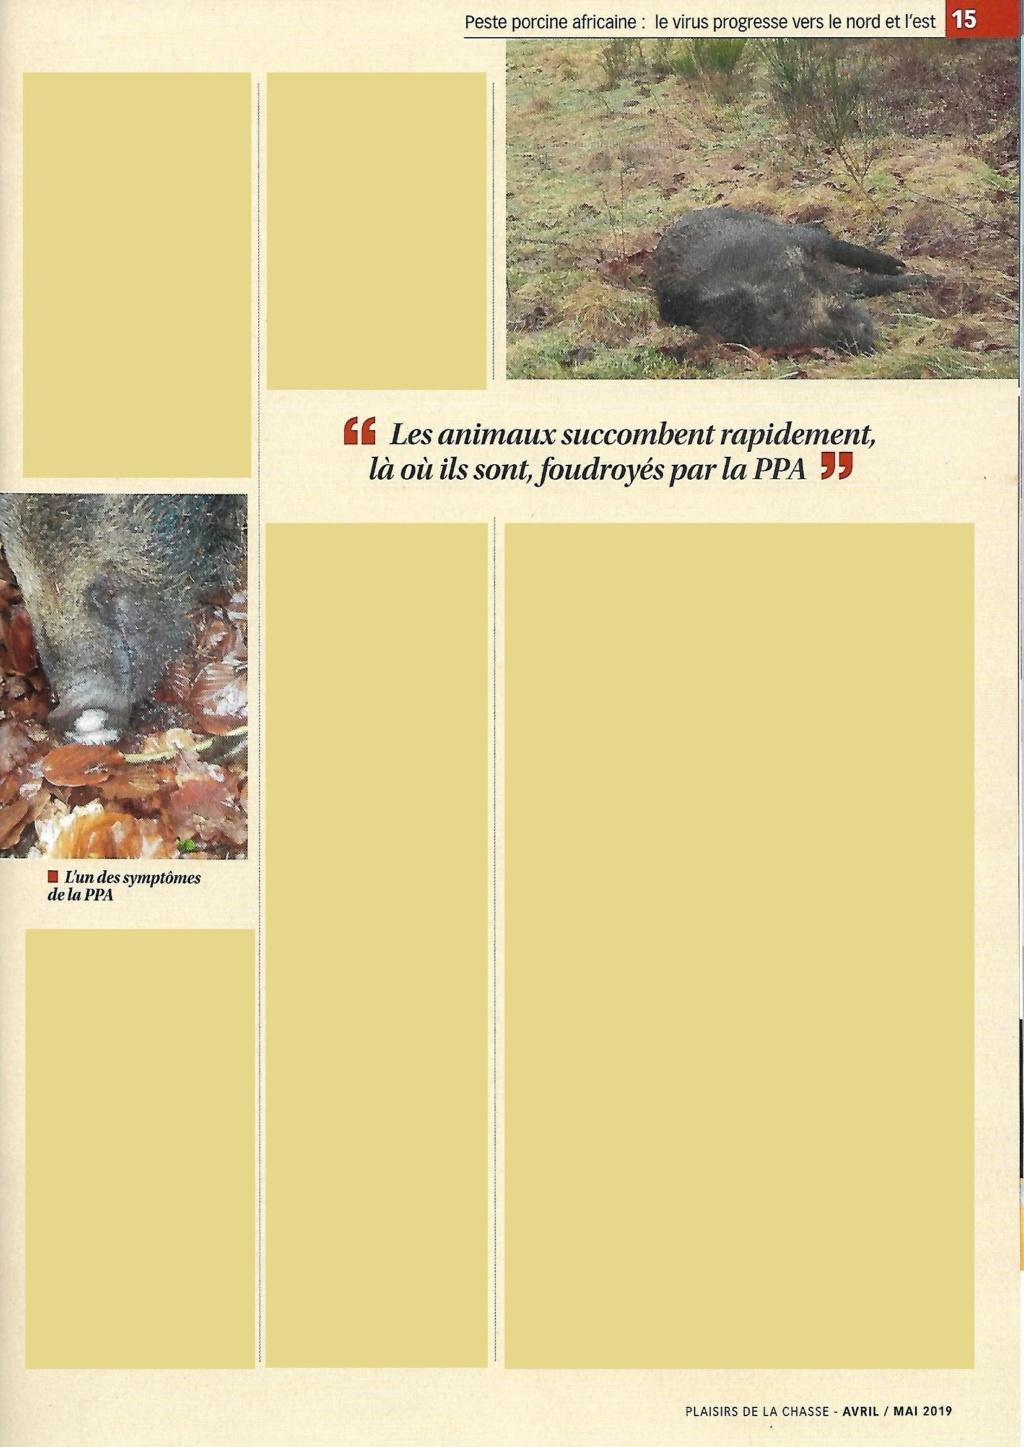 Peste porcine : On est en plein dedans !!! (Partie 2) - Page 39 Plaisi10